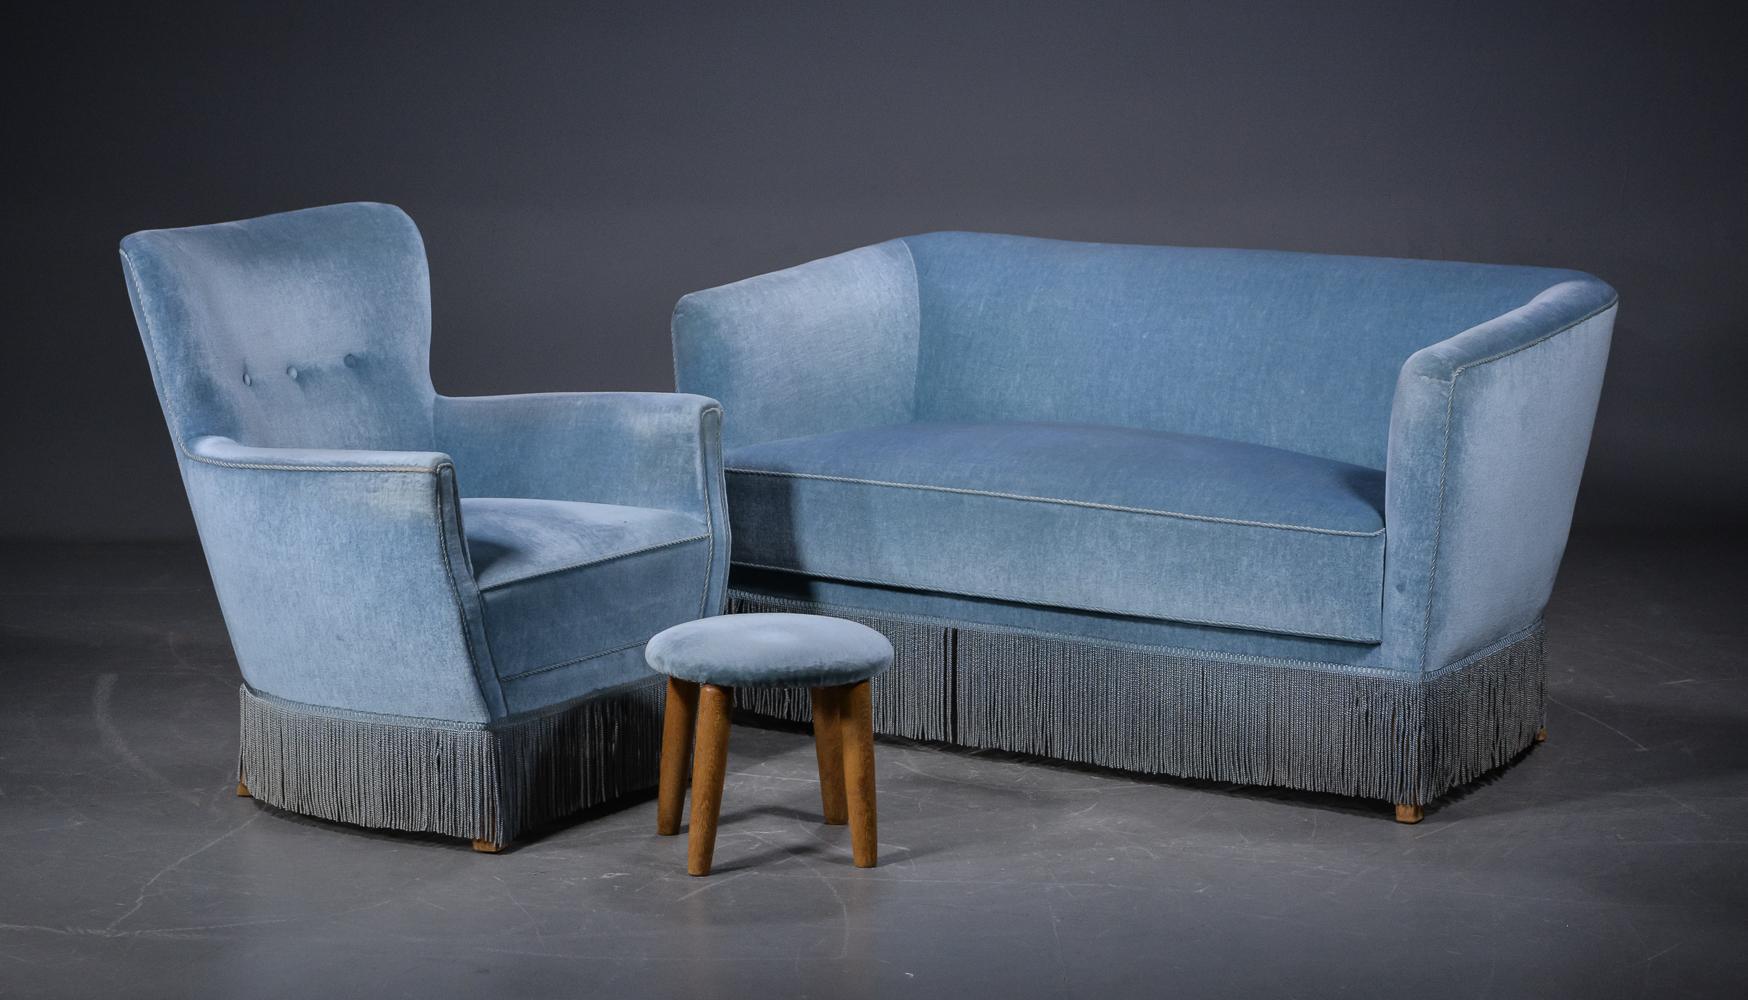 Sofa, stol, samt skammel med blå velour - Sofa, stol, samt skammel med ben af egetræ, betrukket med med blå velour, syet med keder og kantet med frynser. Stol knapsyet i ryg. Mål: Længde på sofa er ca. 130 cm. D. 80 cm. Sædeh. 45 cm. Stol: B. 75 cm. Sædehøjde 45 cm. Mål på skammel:...